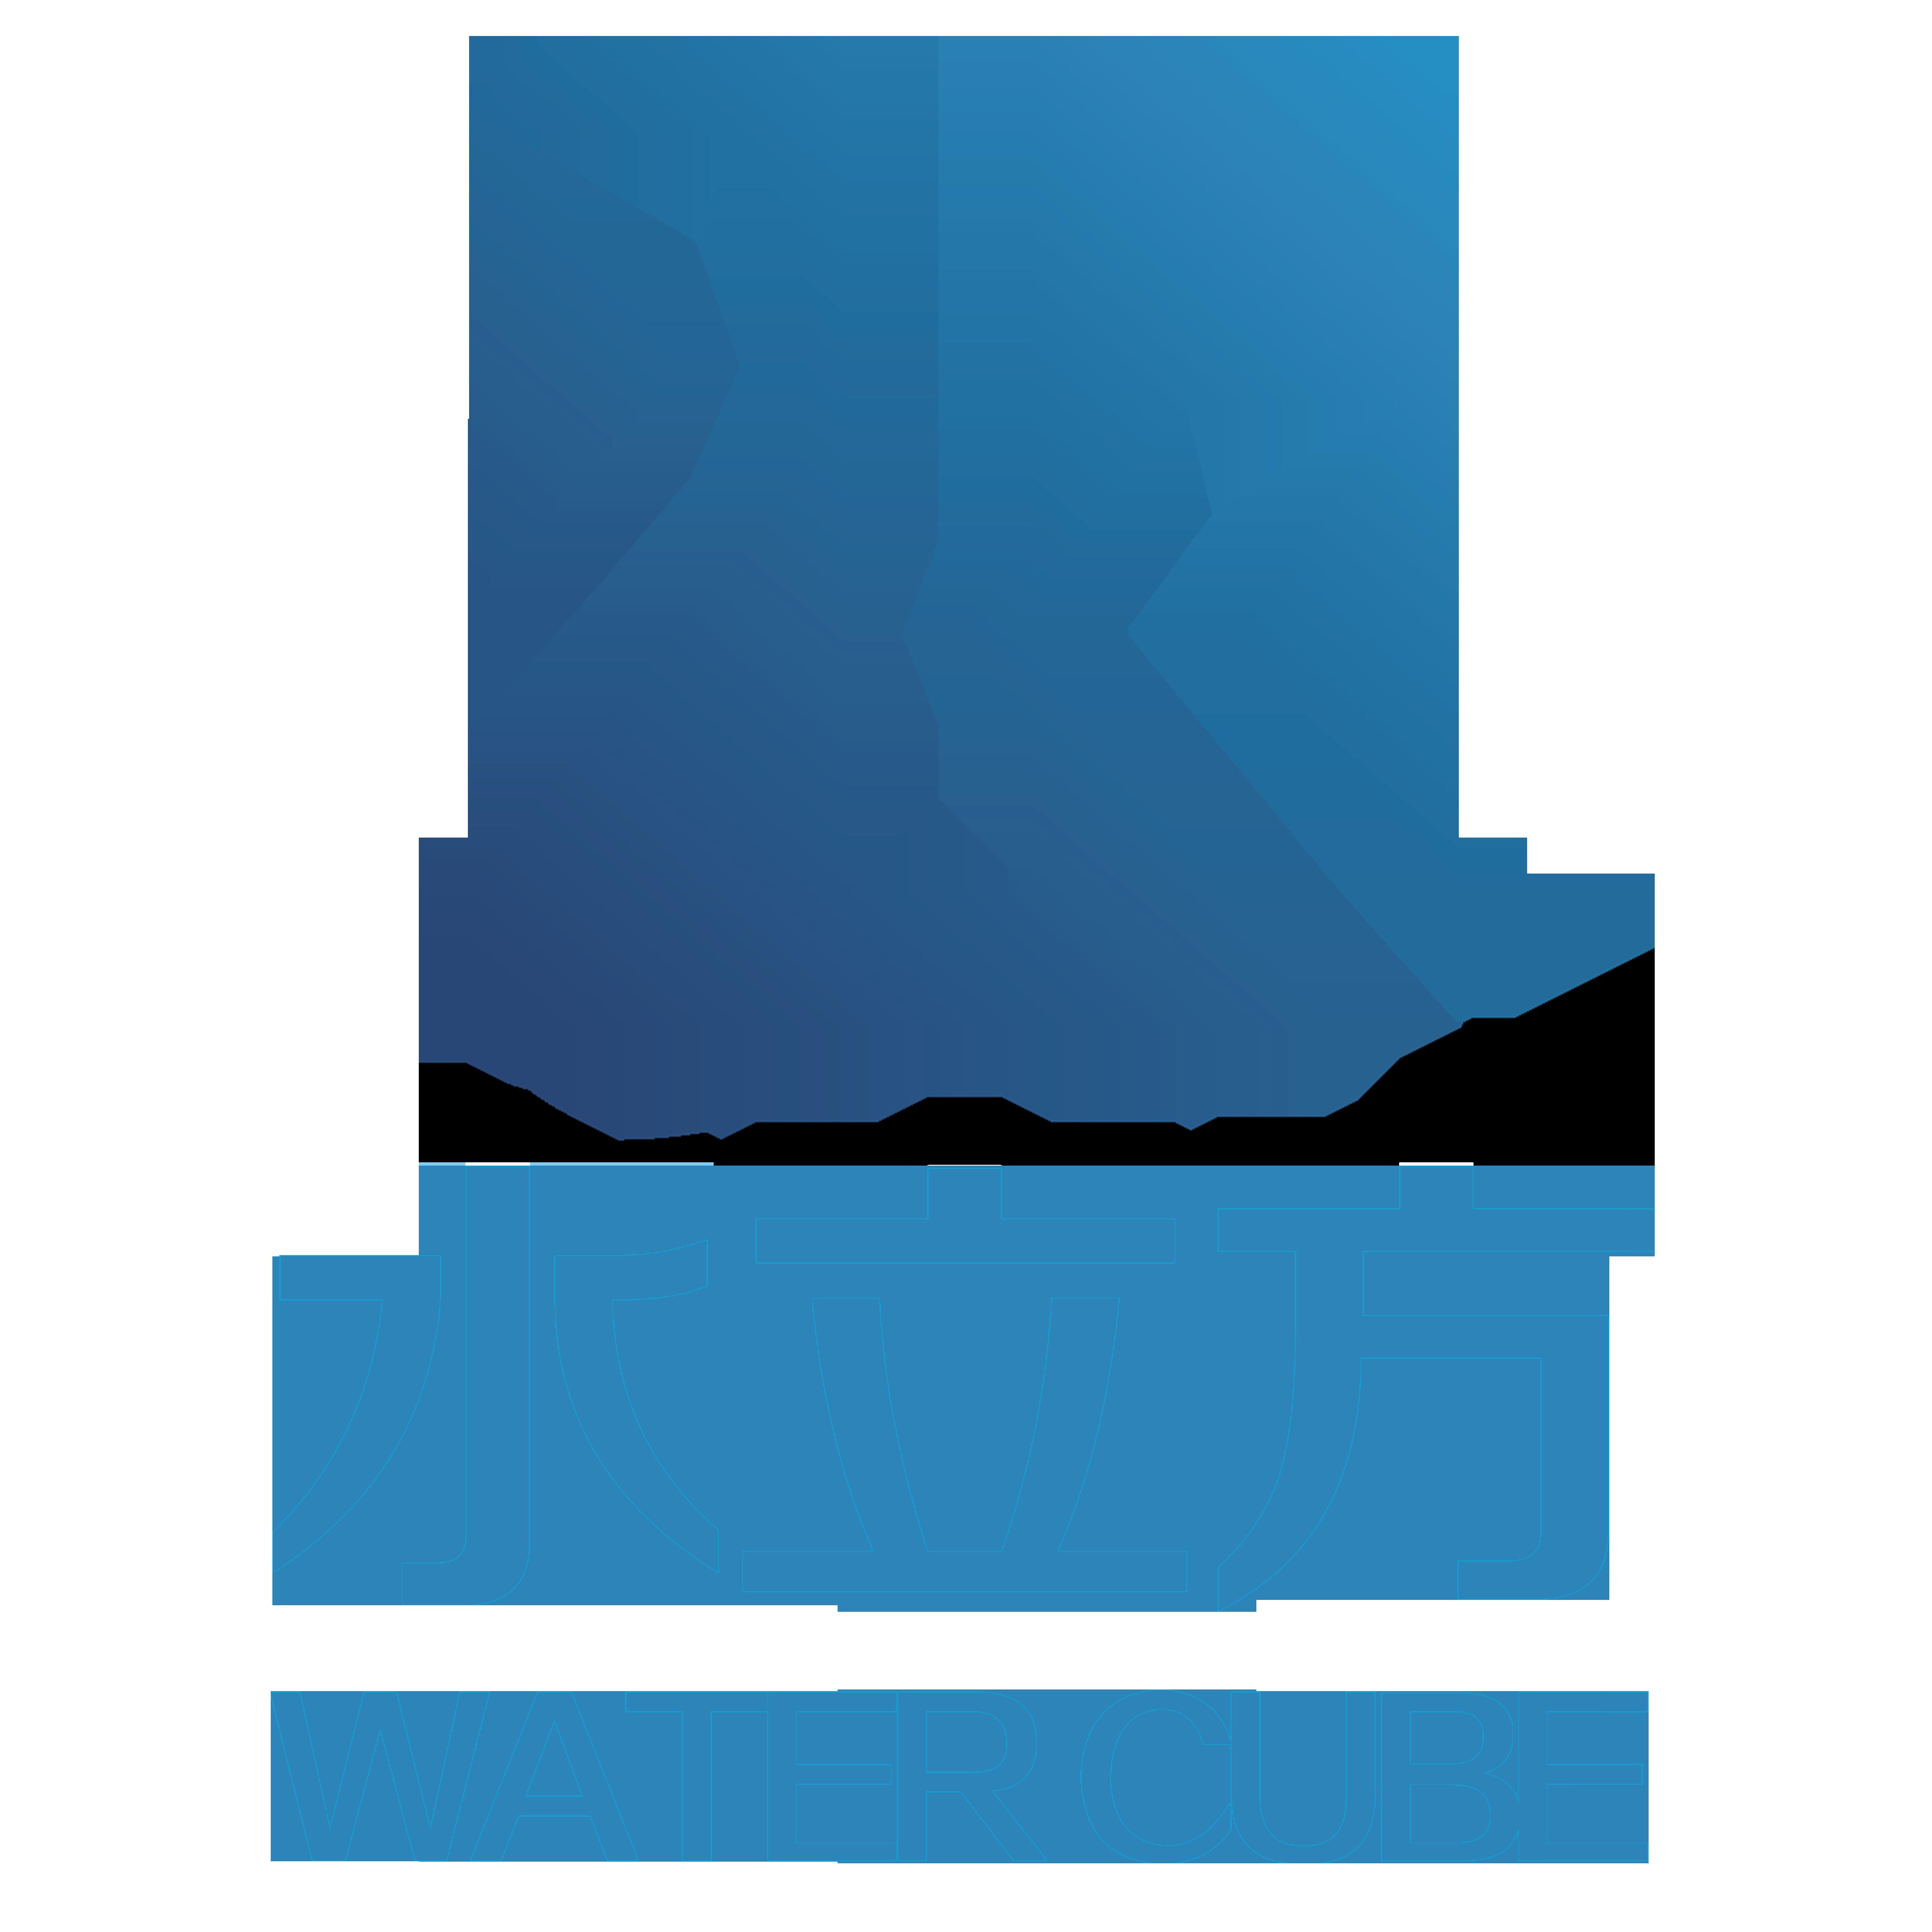 广东水立方高新水性材料科技有限公司logo